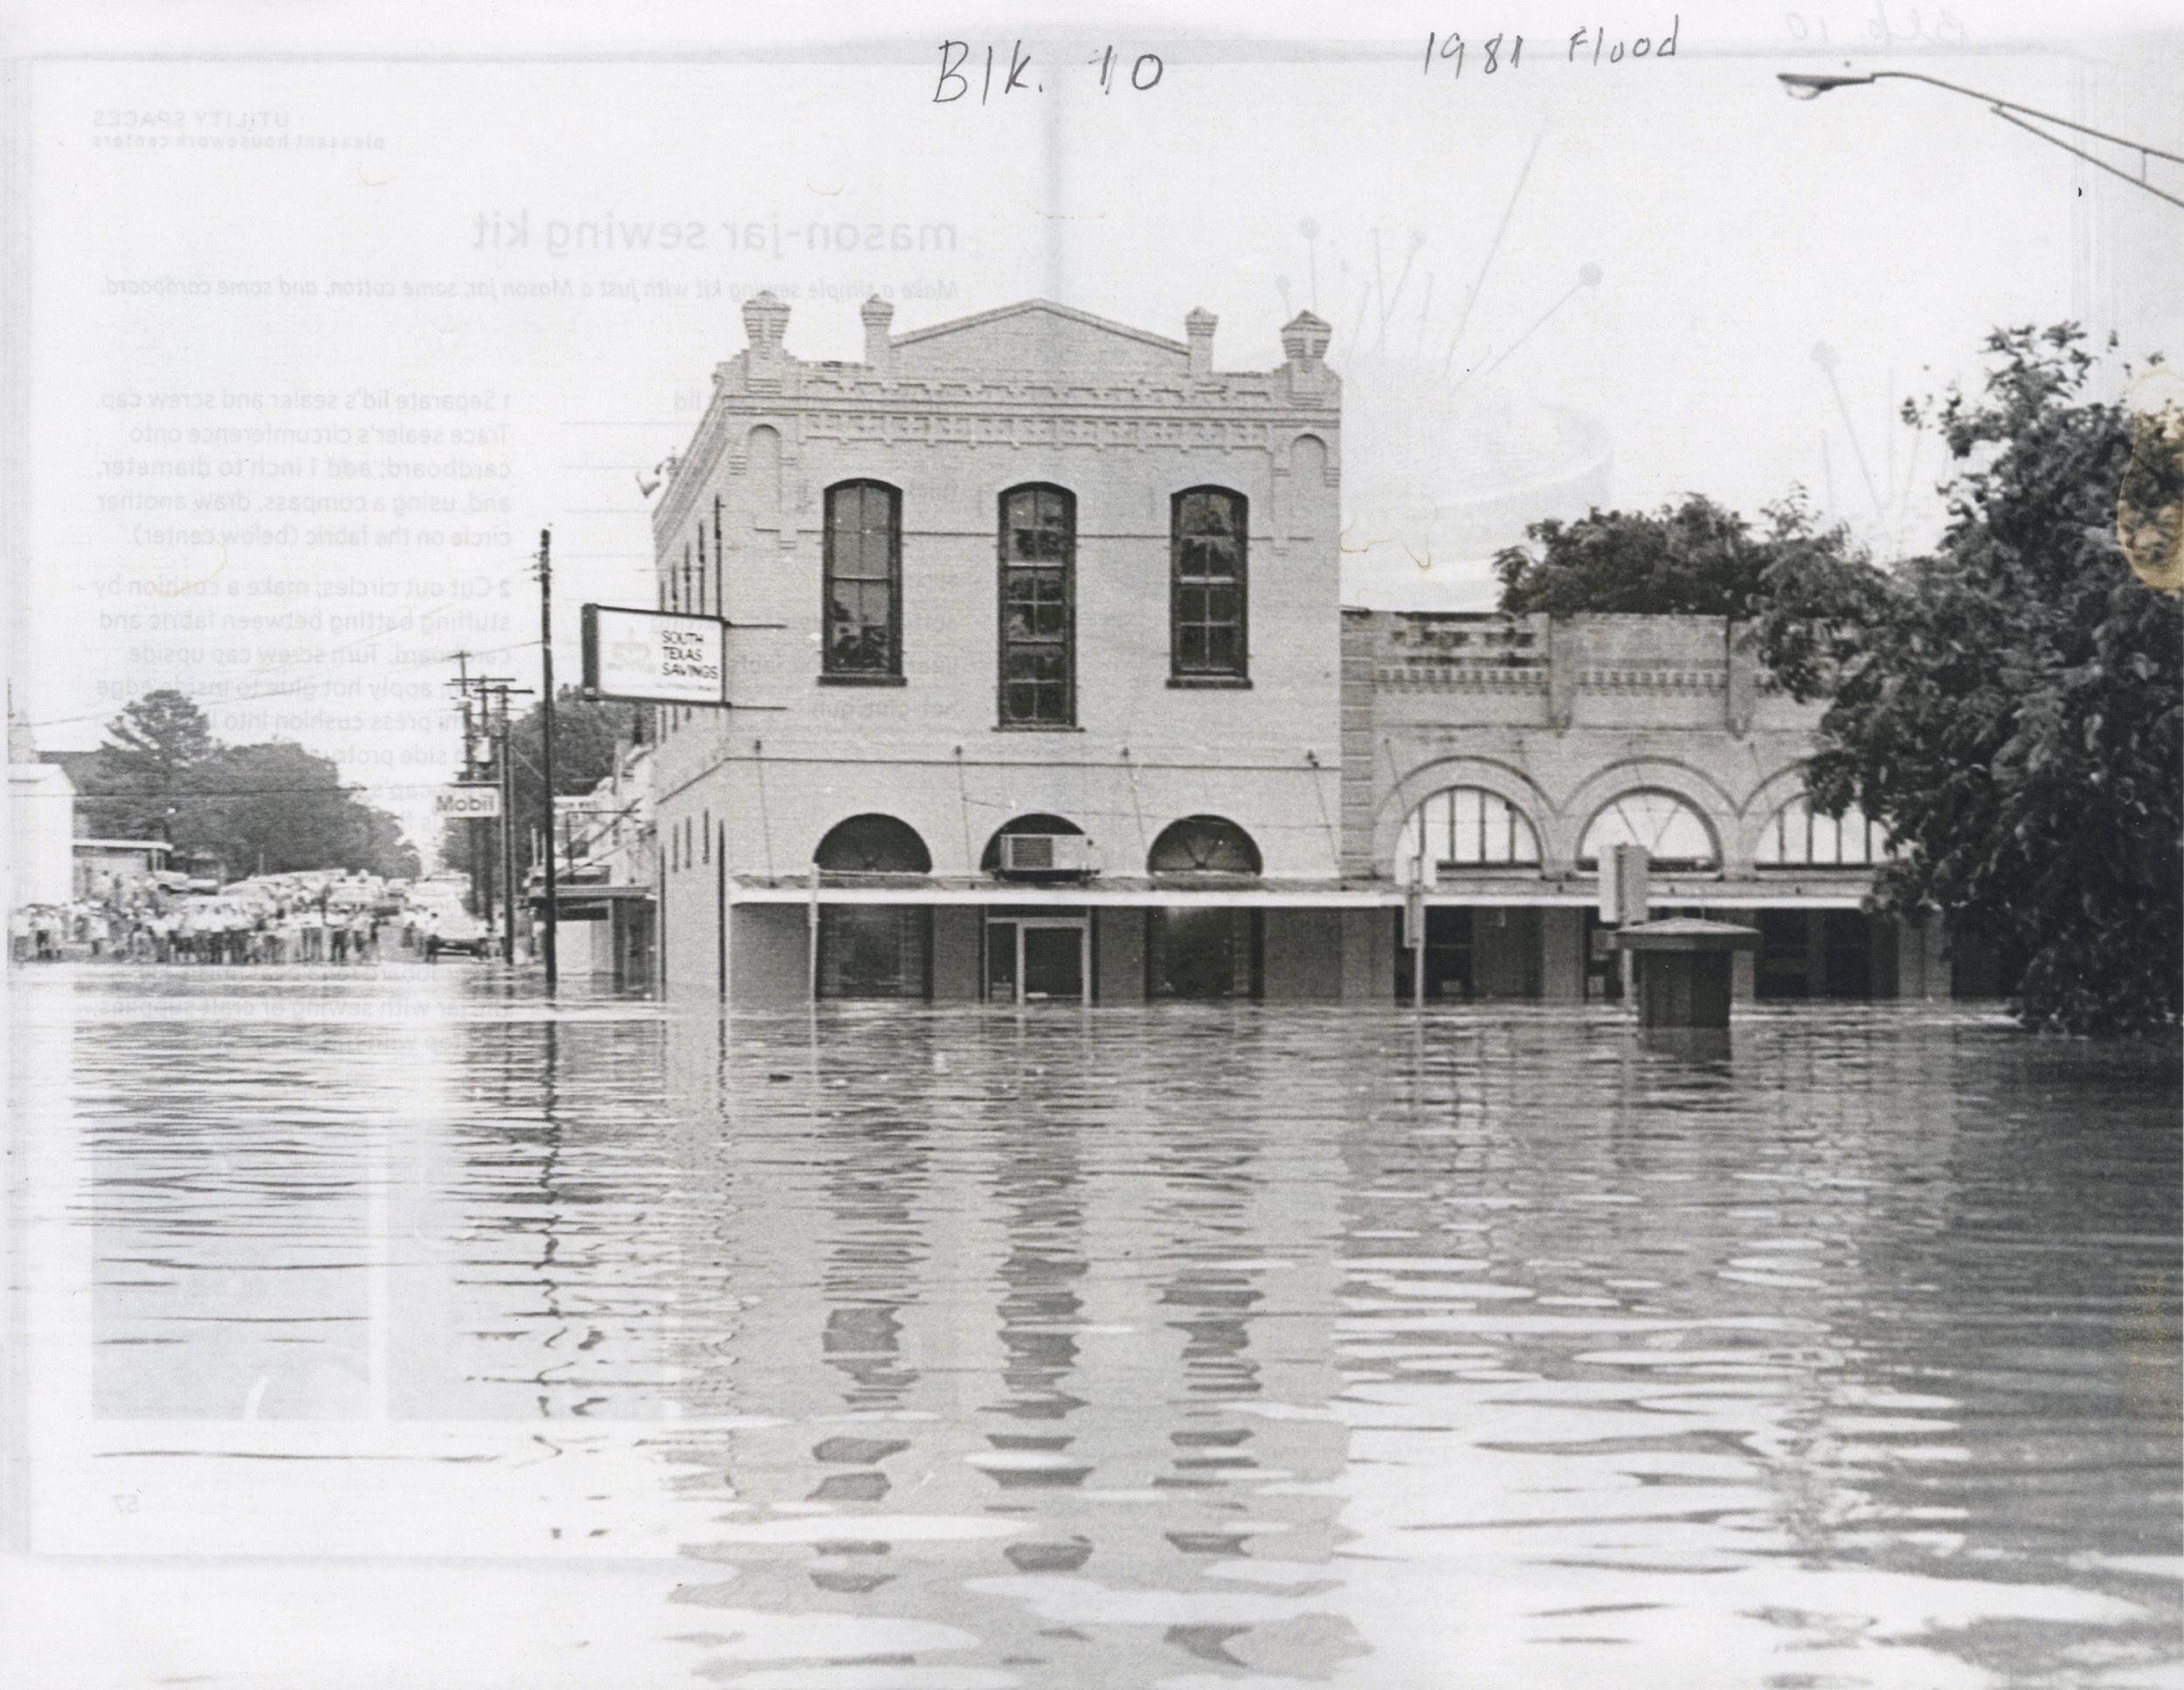 1897 Samusch Building, 1981